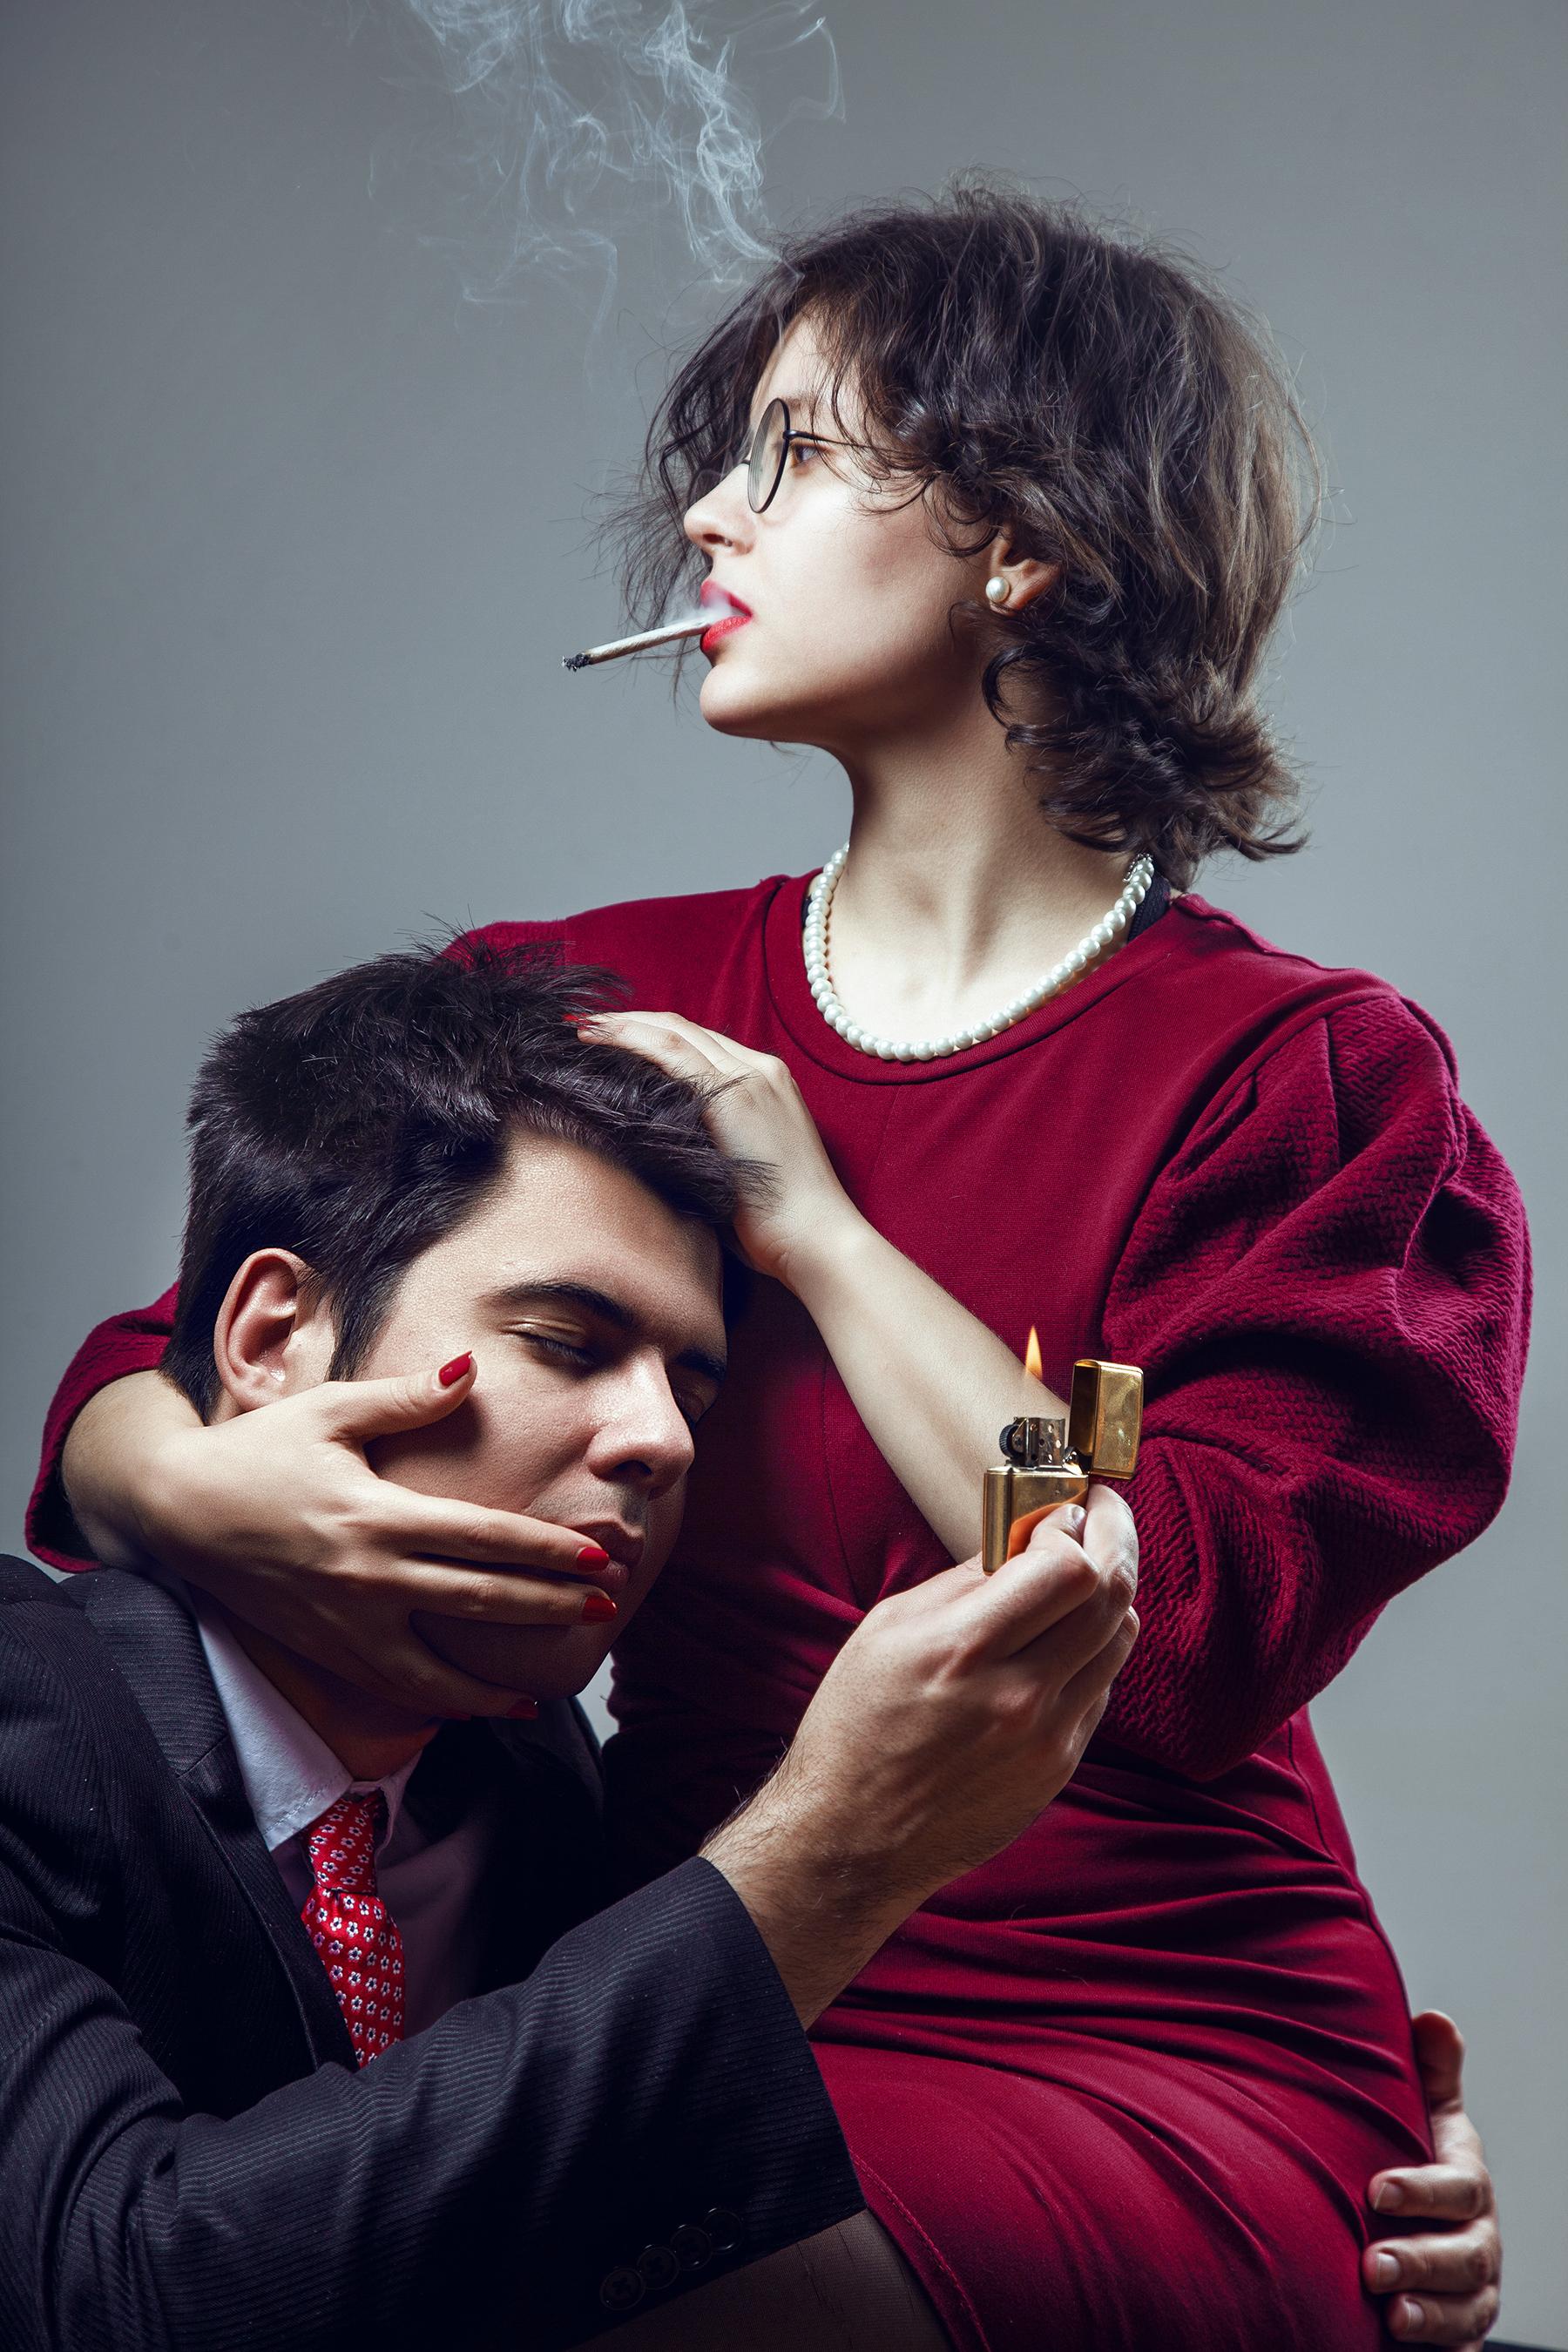 Amas Castrando Al Esclavo Porno esta pareja tiene una relación ama-esclavo a tiempo completo